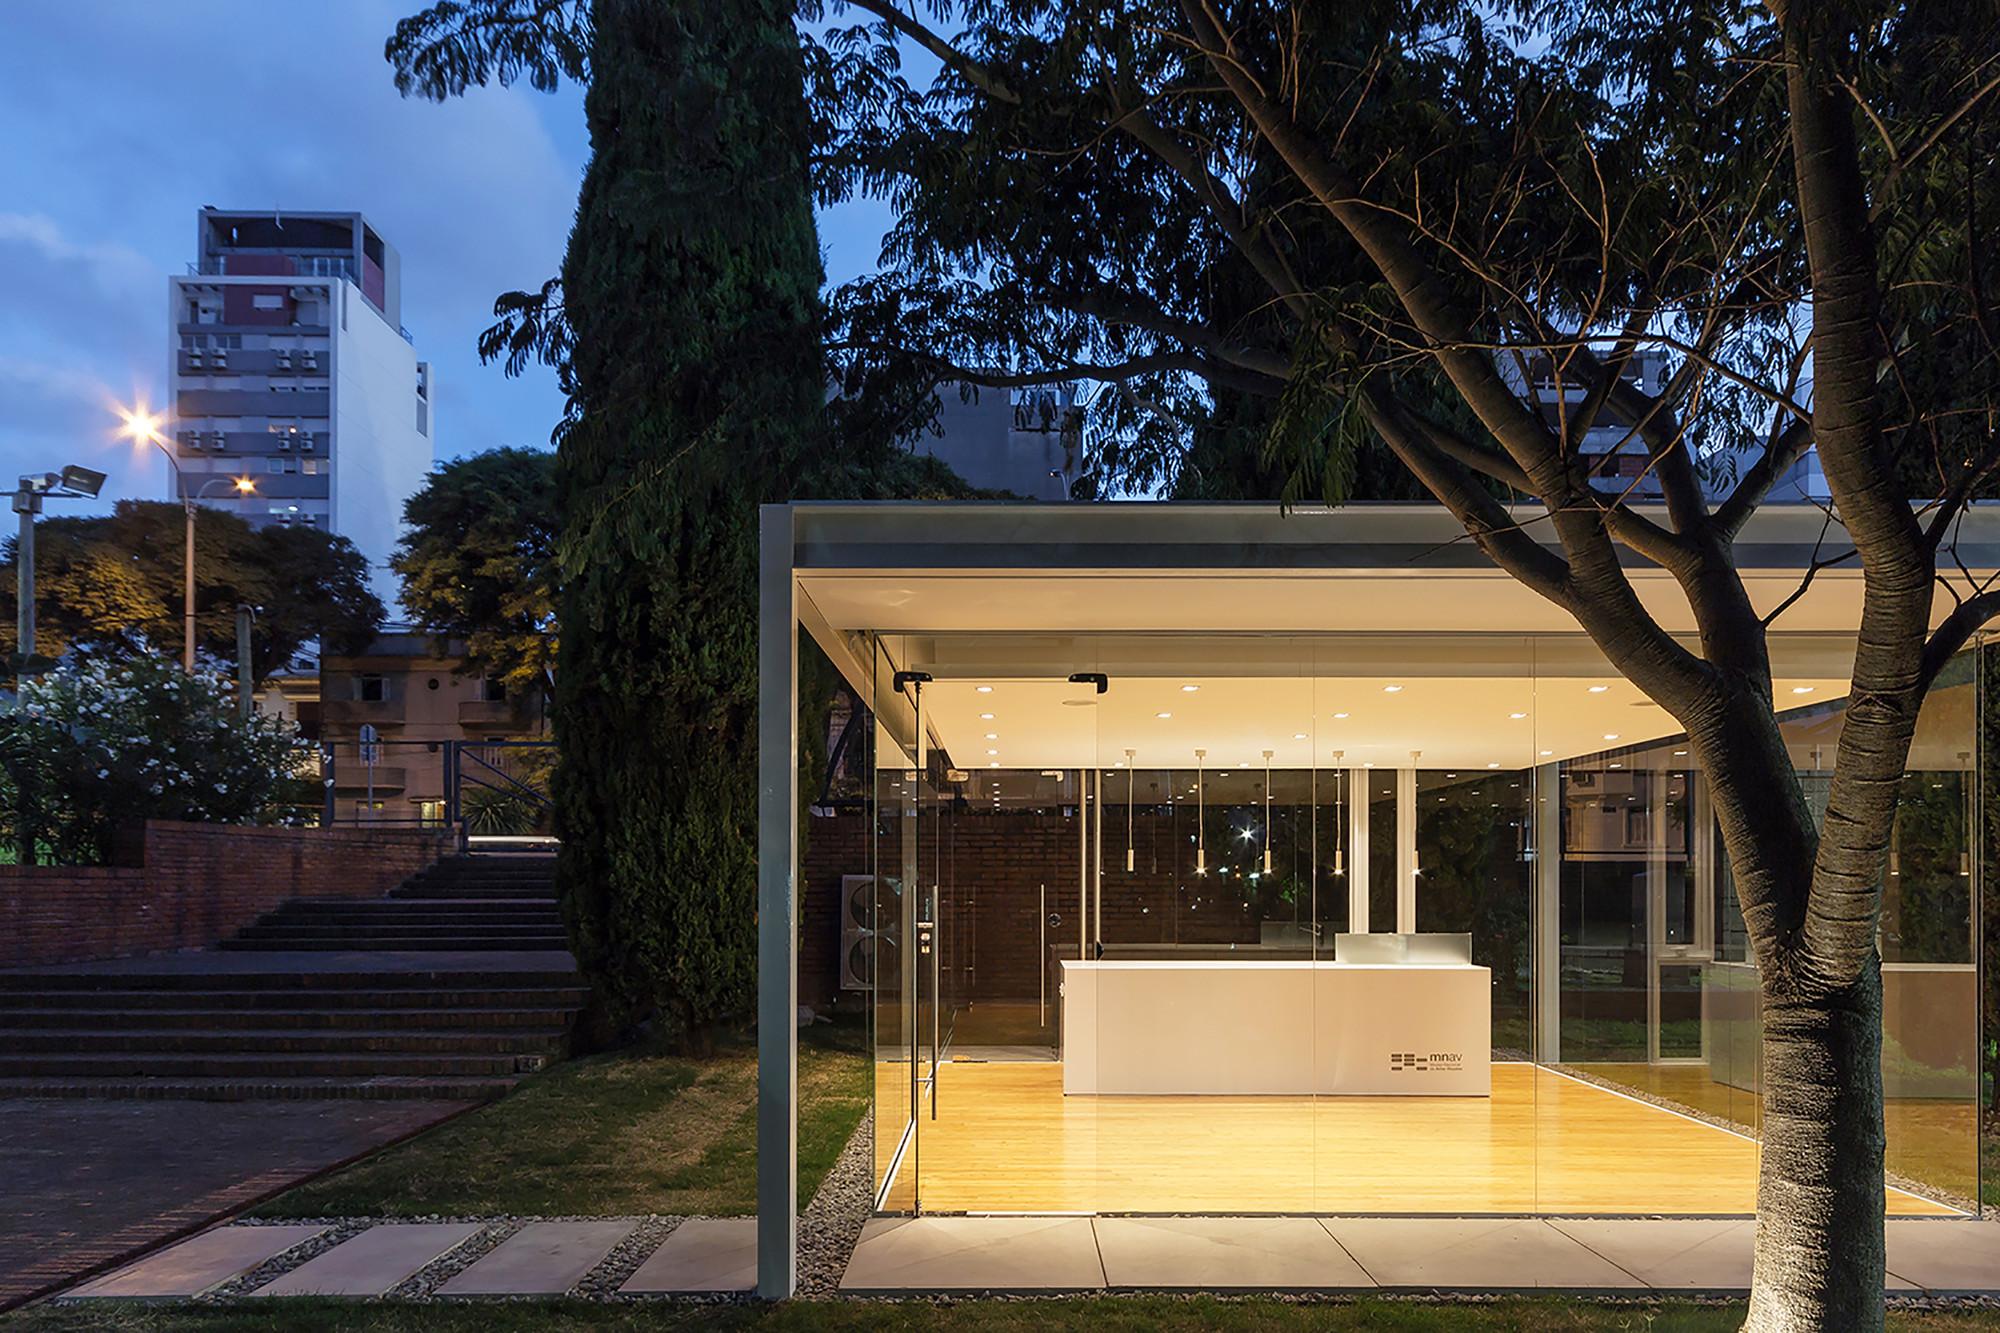 Un Pabellón en un Jardín  / Rafael Alanis, Andres Bonino, Matias Coll, Diego Secco, © Marcos Guiponi